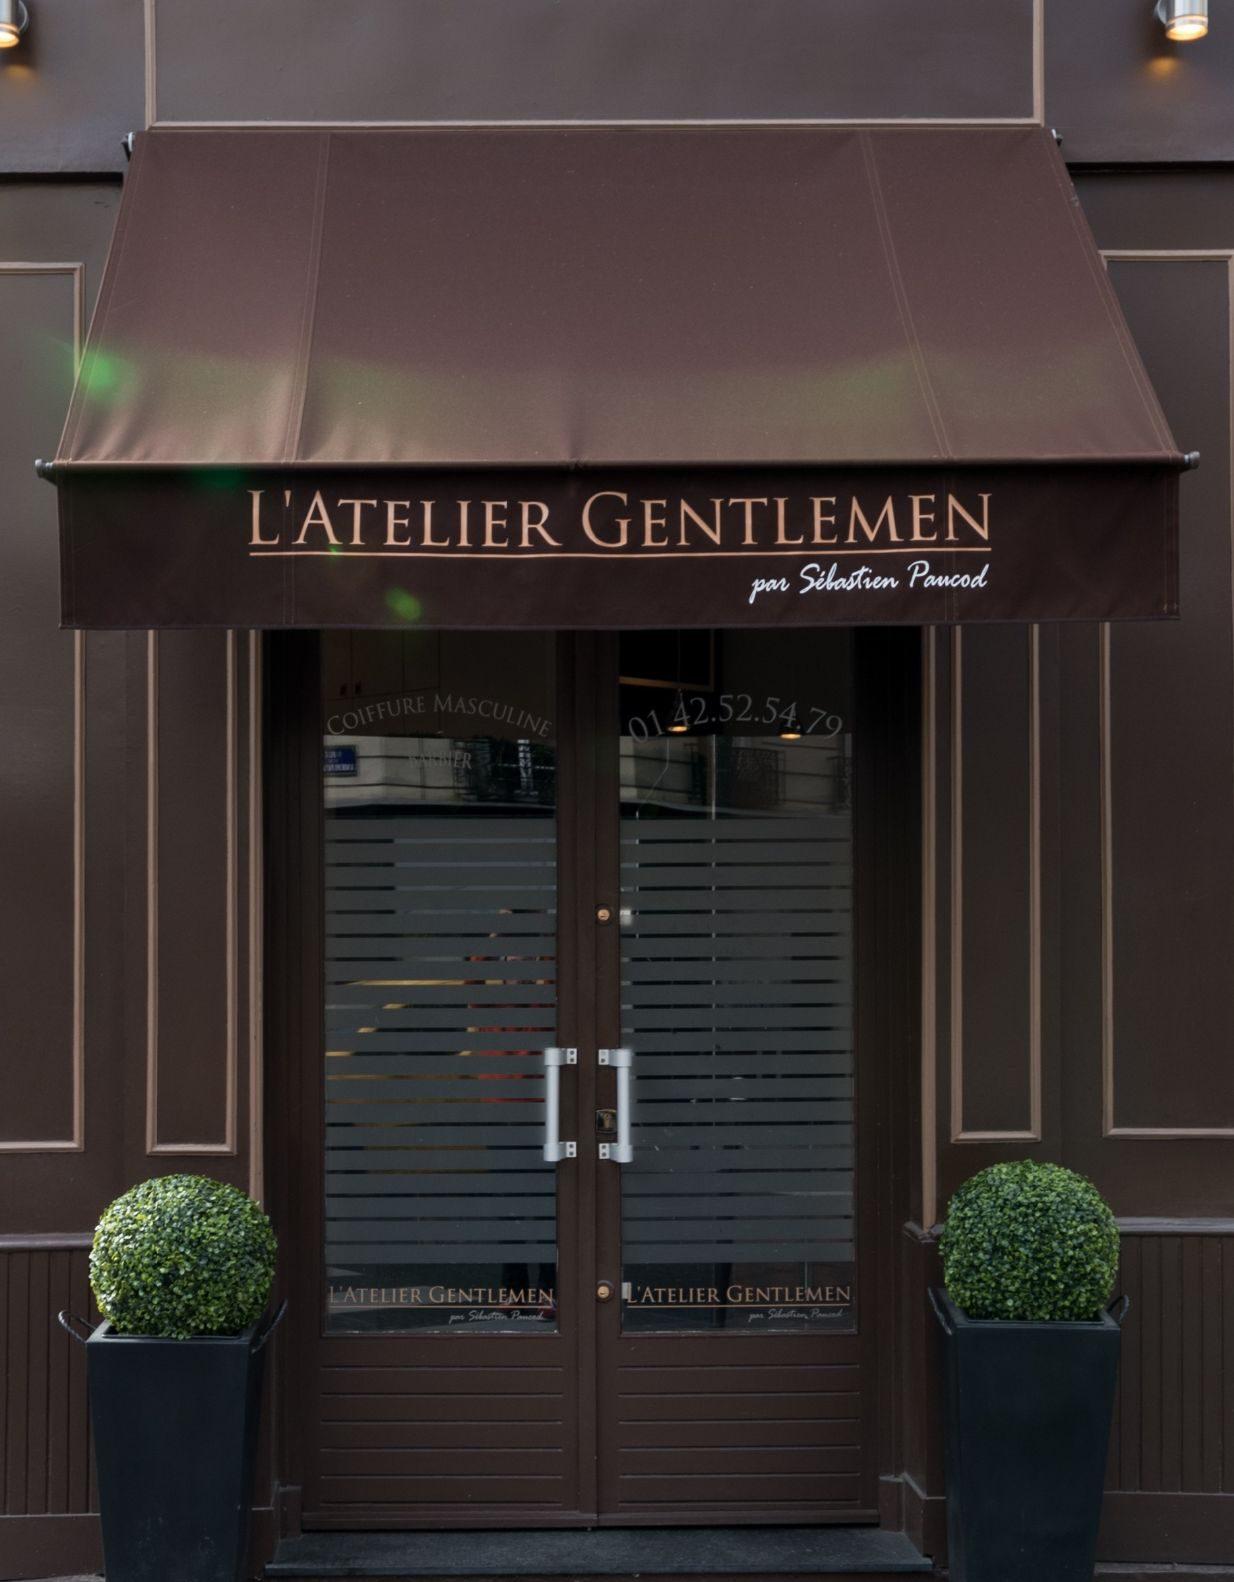 Boutique L'atelier Gentlemen